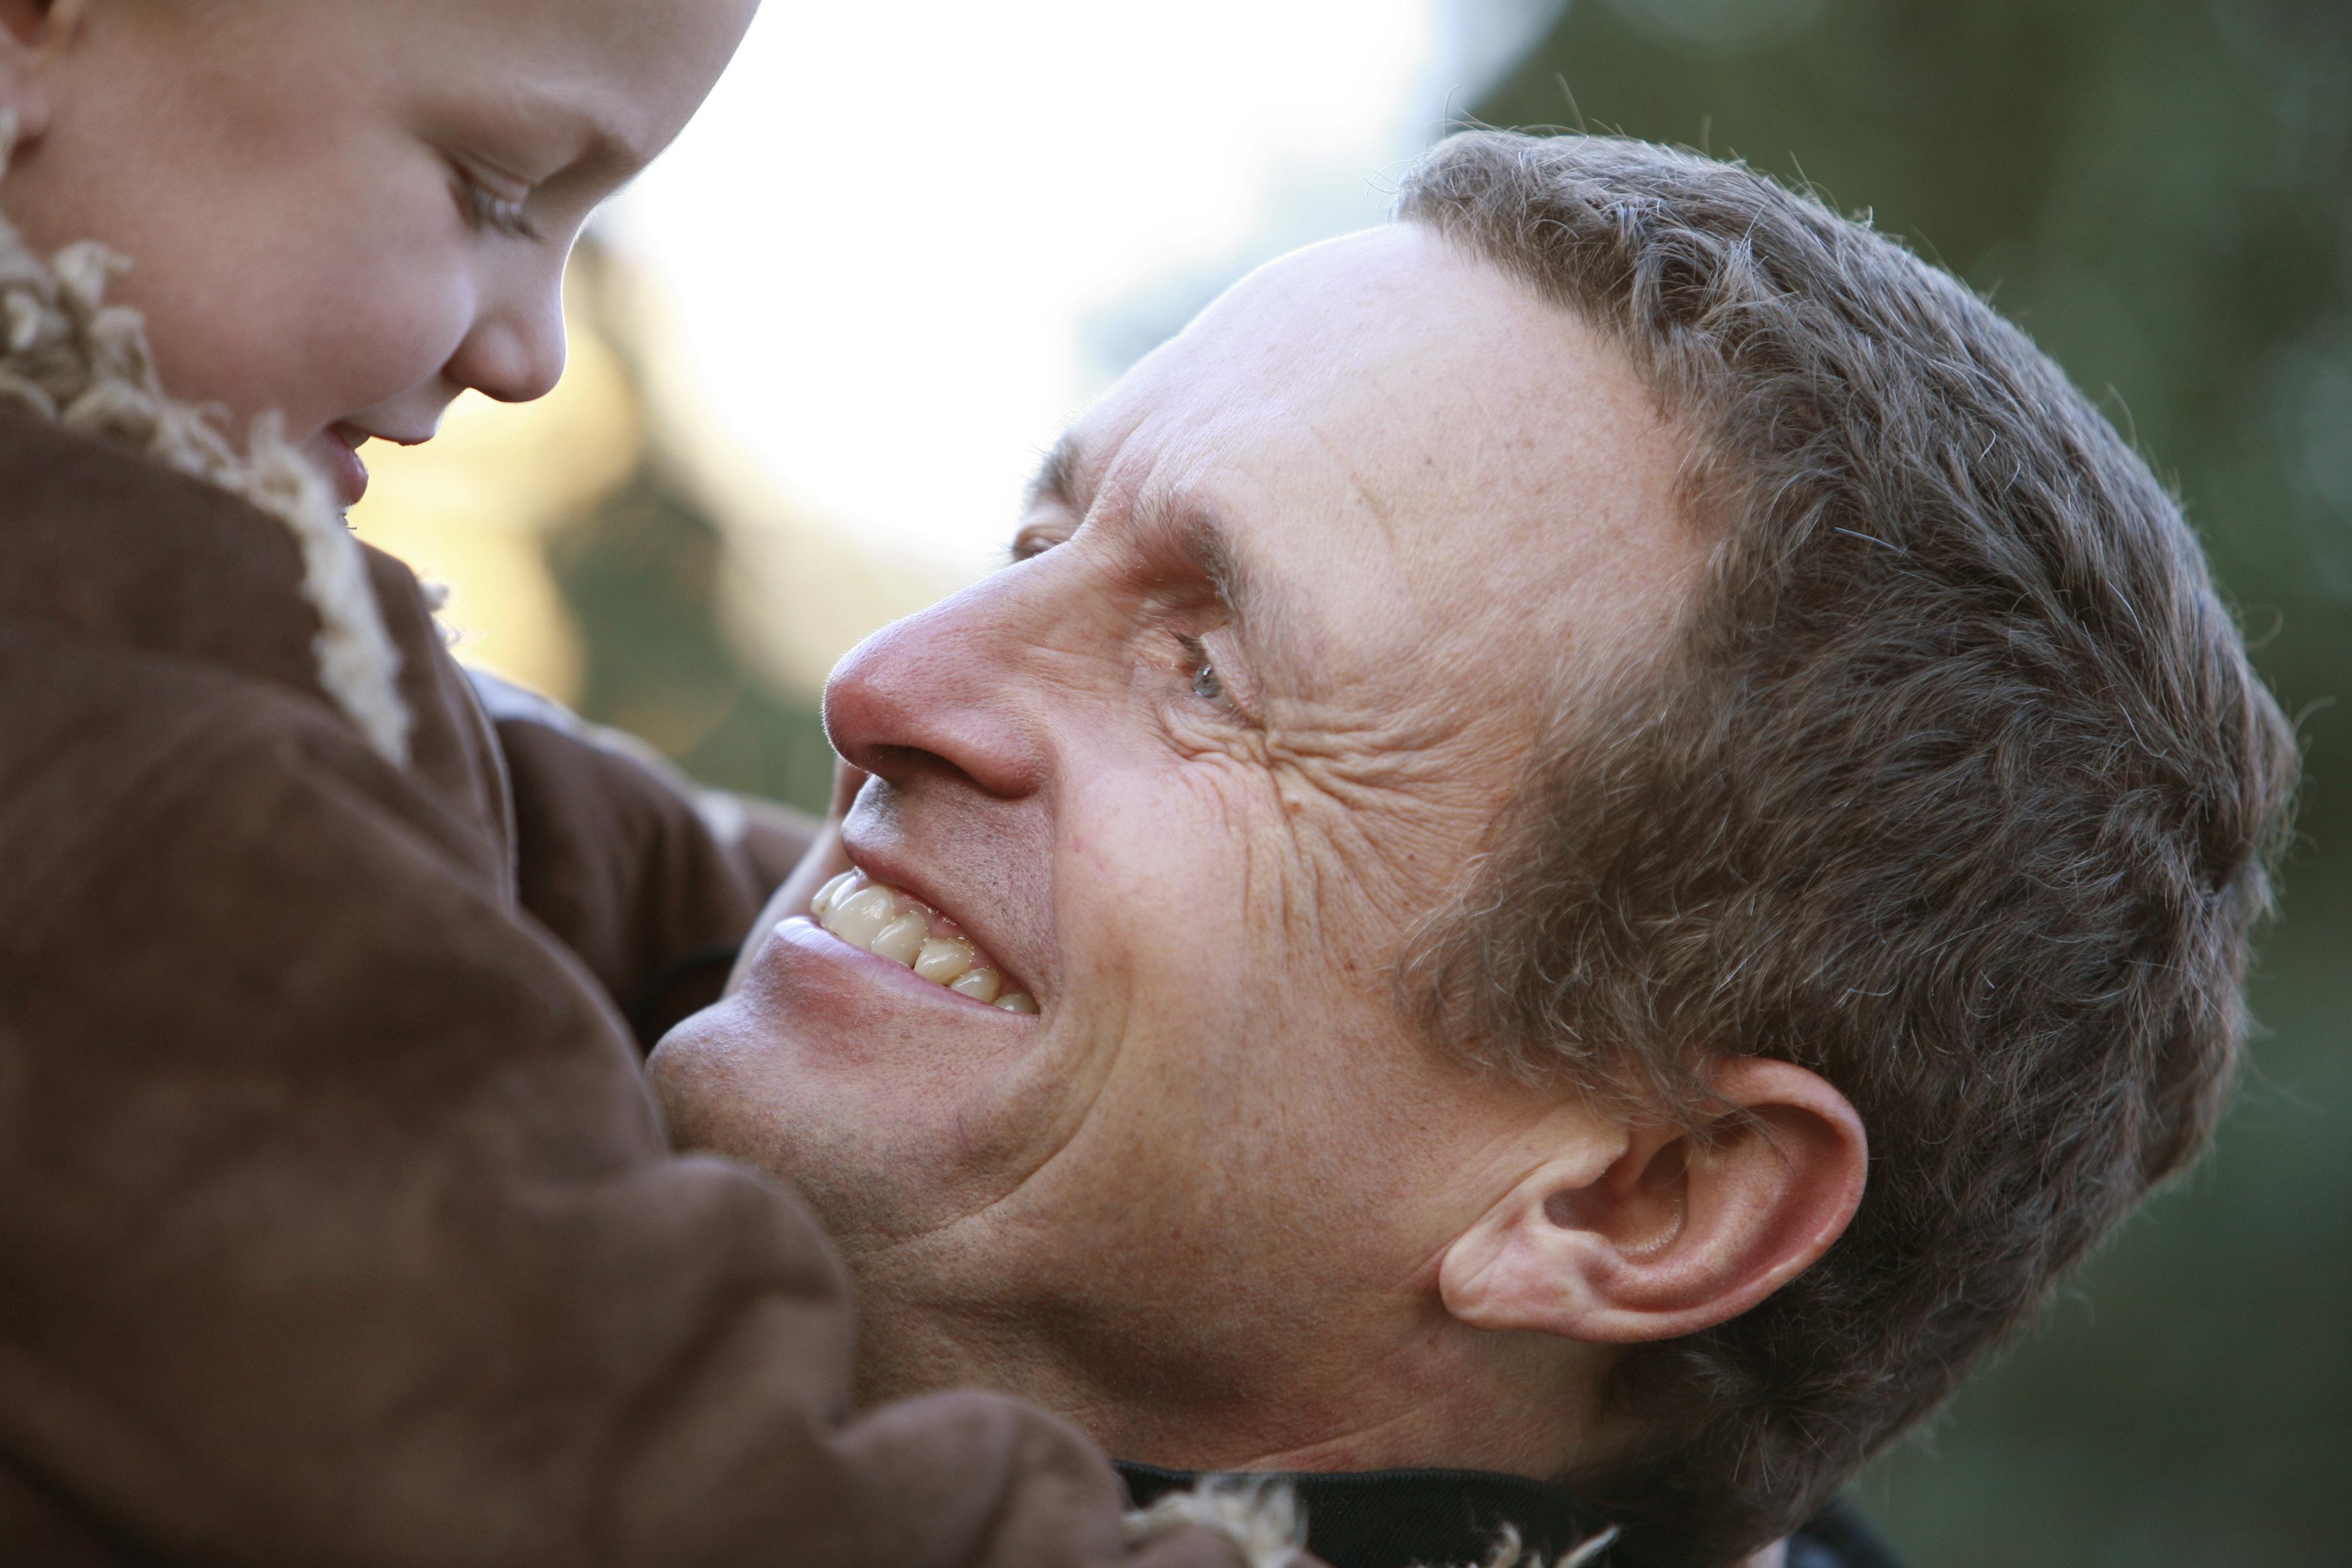 Livet etter et hjerneslag kan være vanskelig. For noen kan det å snakke tydelig være vanskelig.